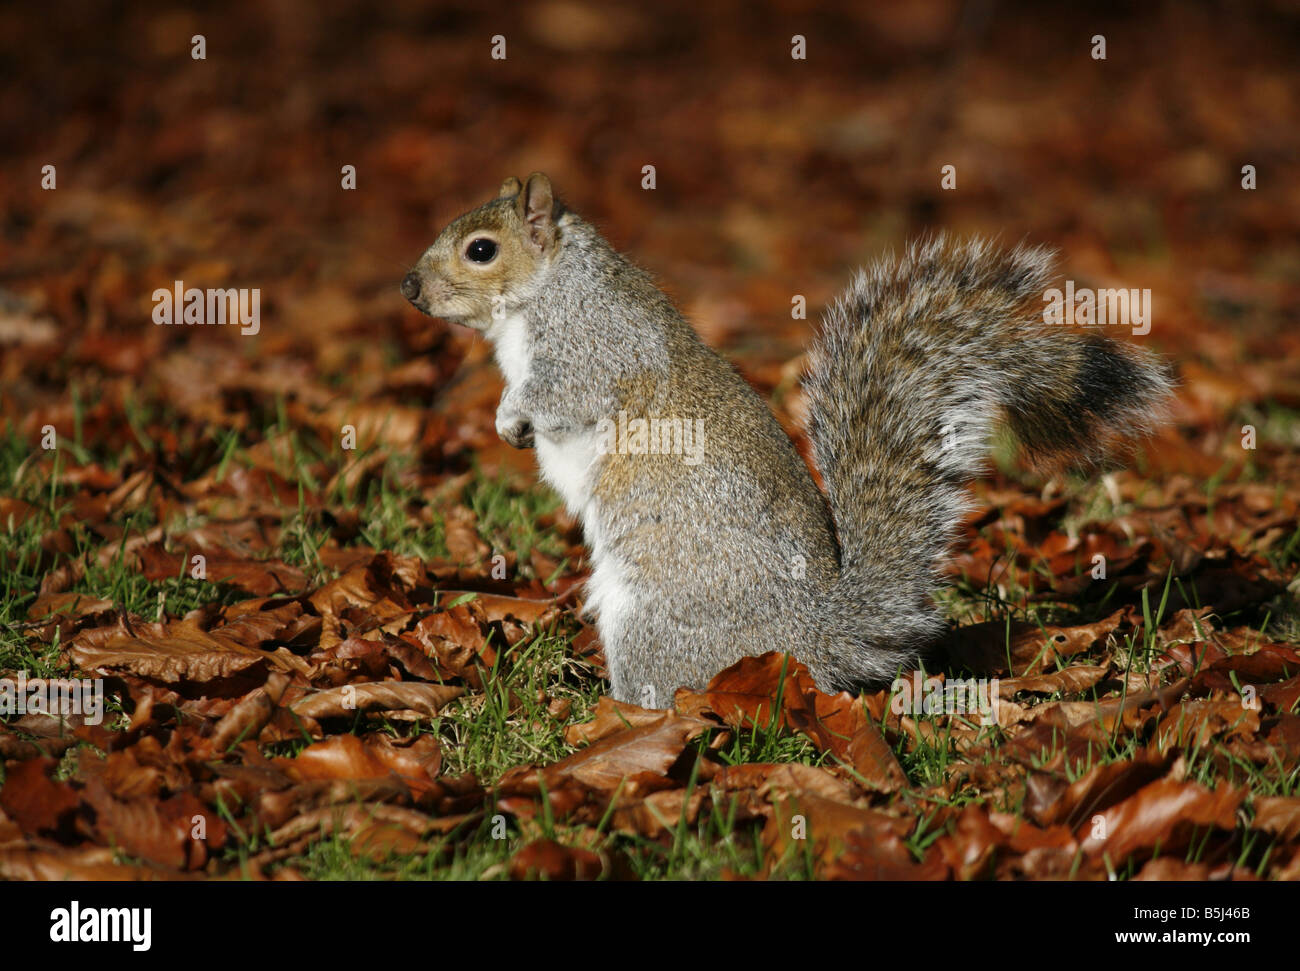 Grey Squirrel (sciurus carolinensis) foraging in the autumn leaves - Stock Image